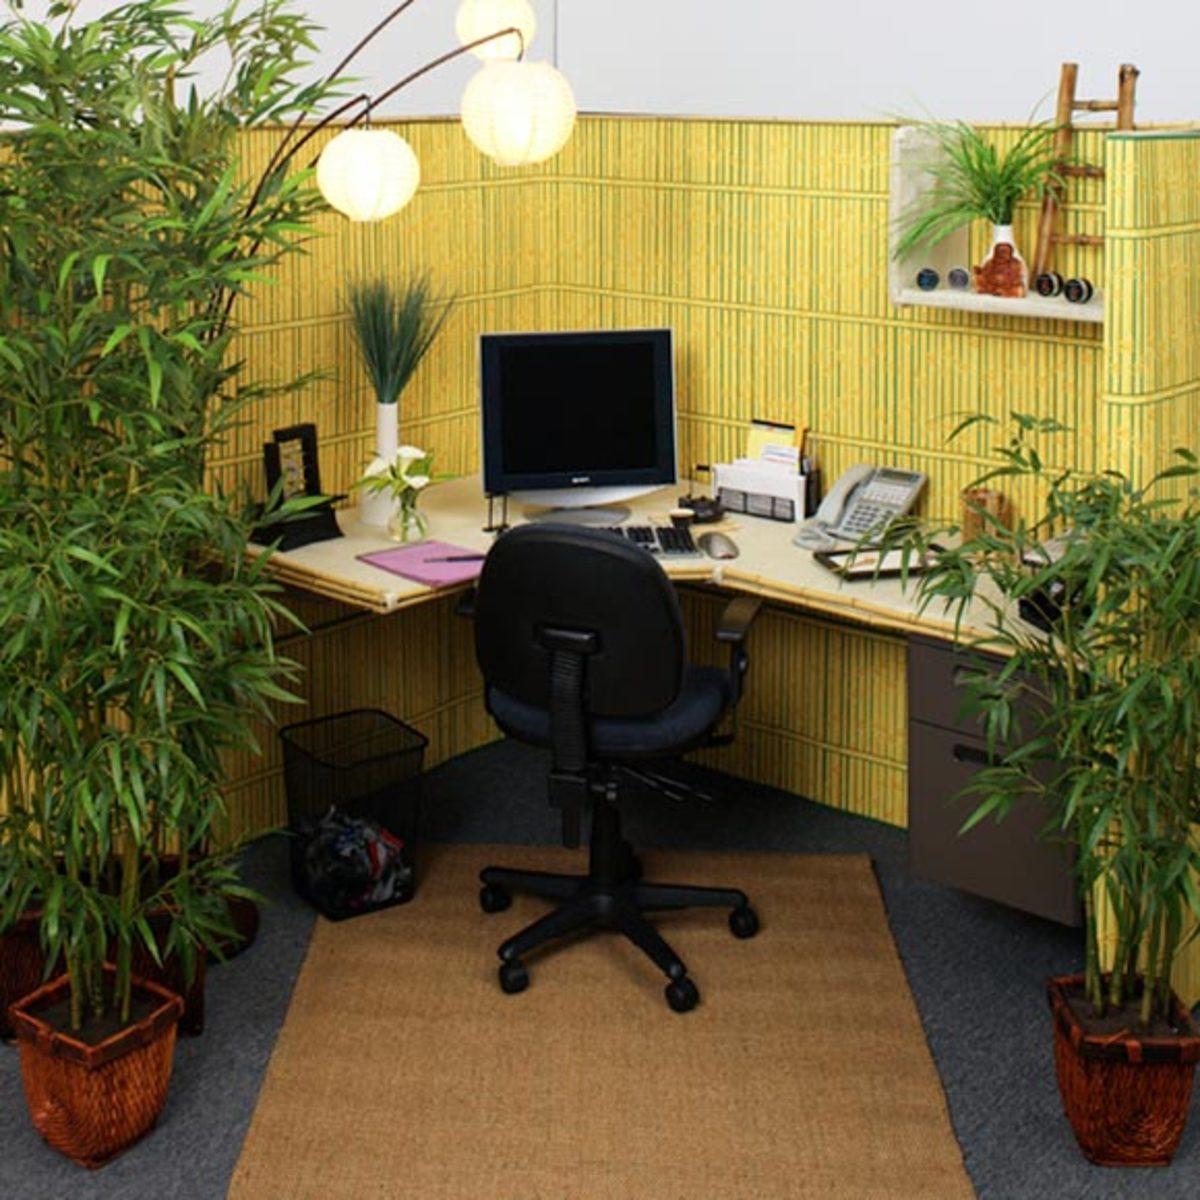 A workspace as tropical getaway